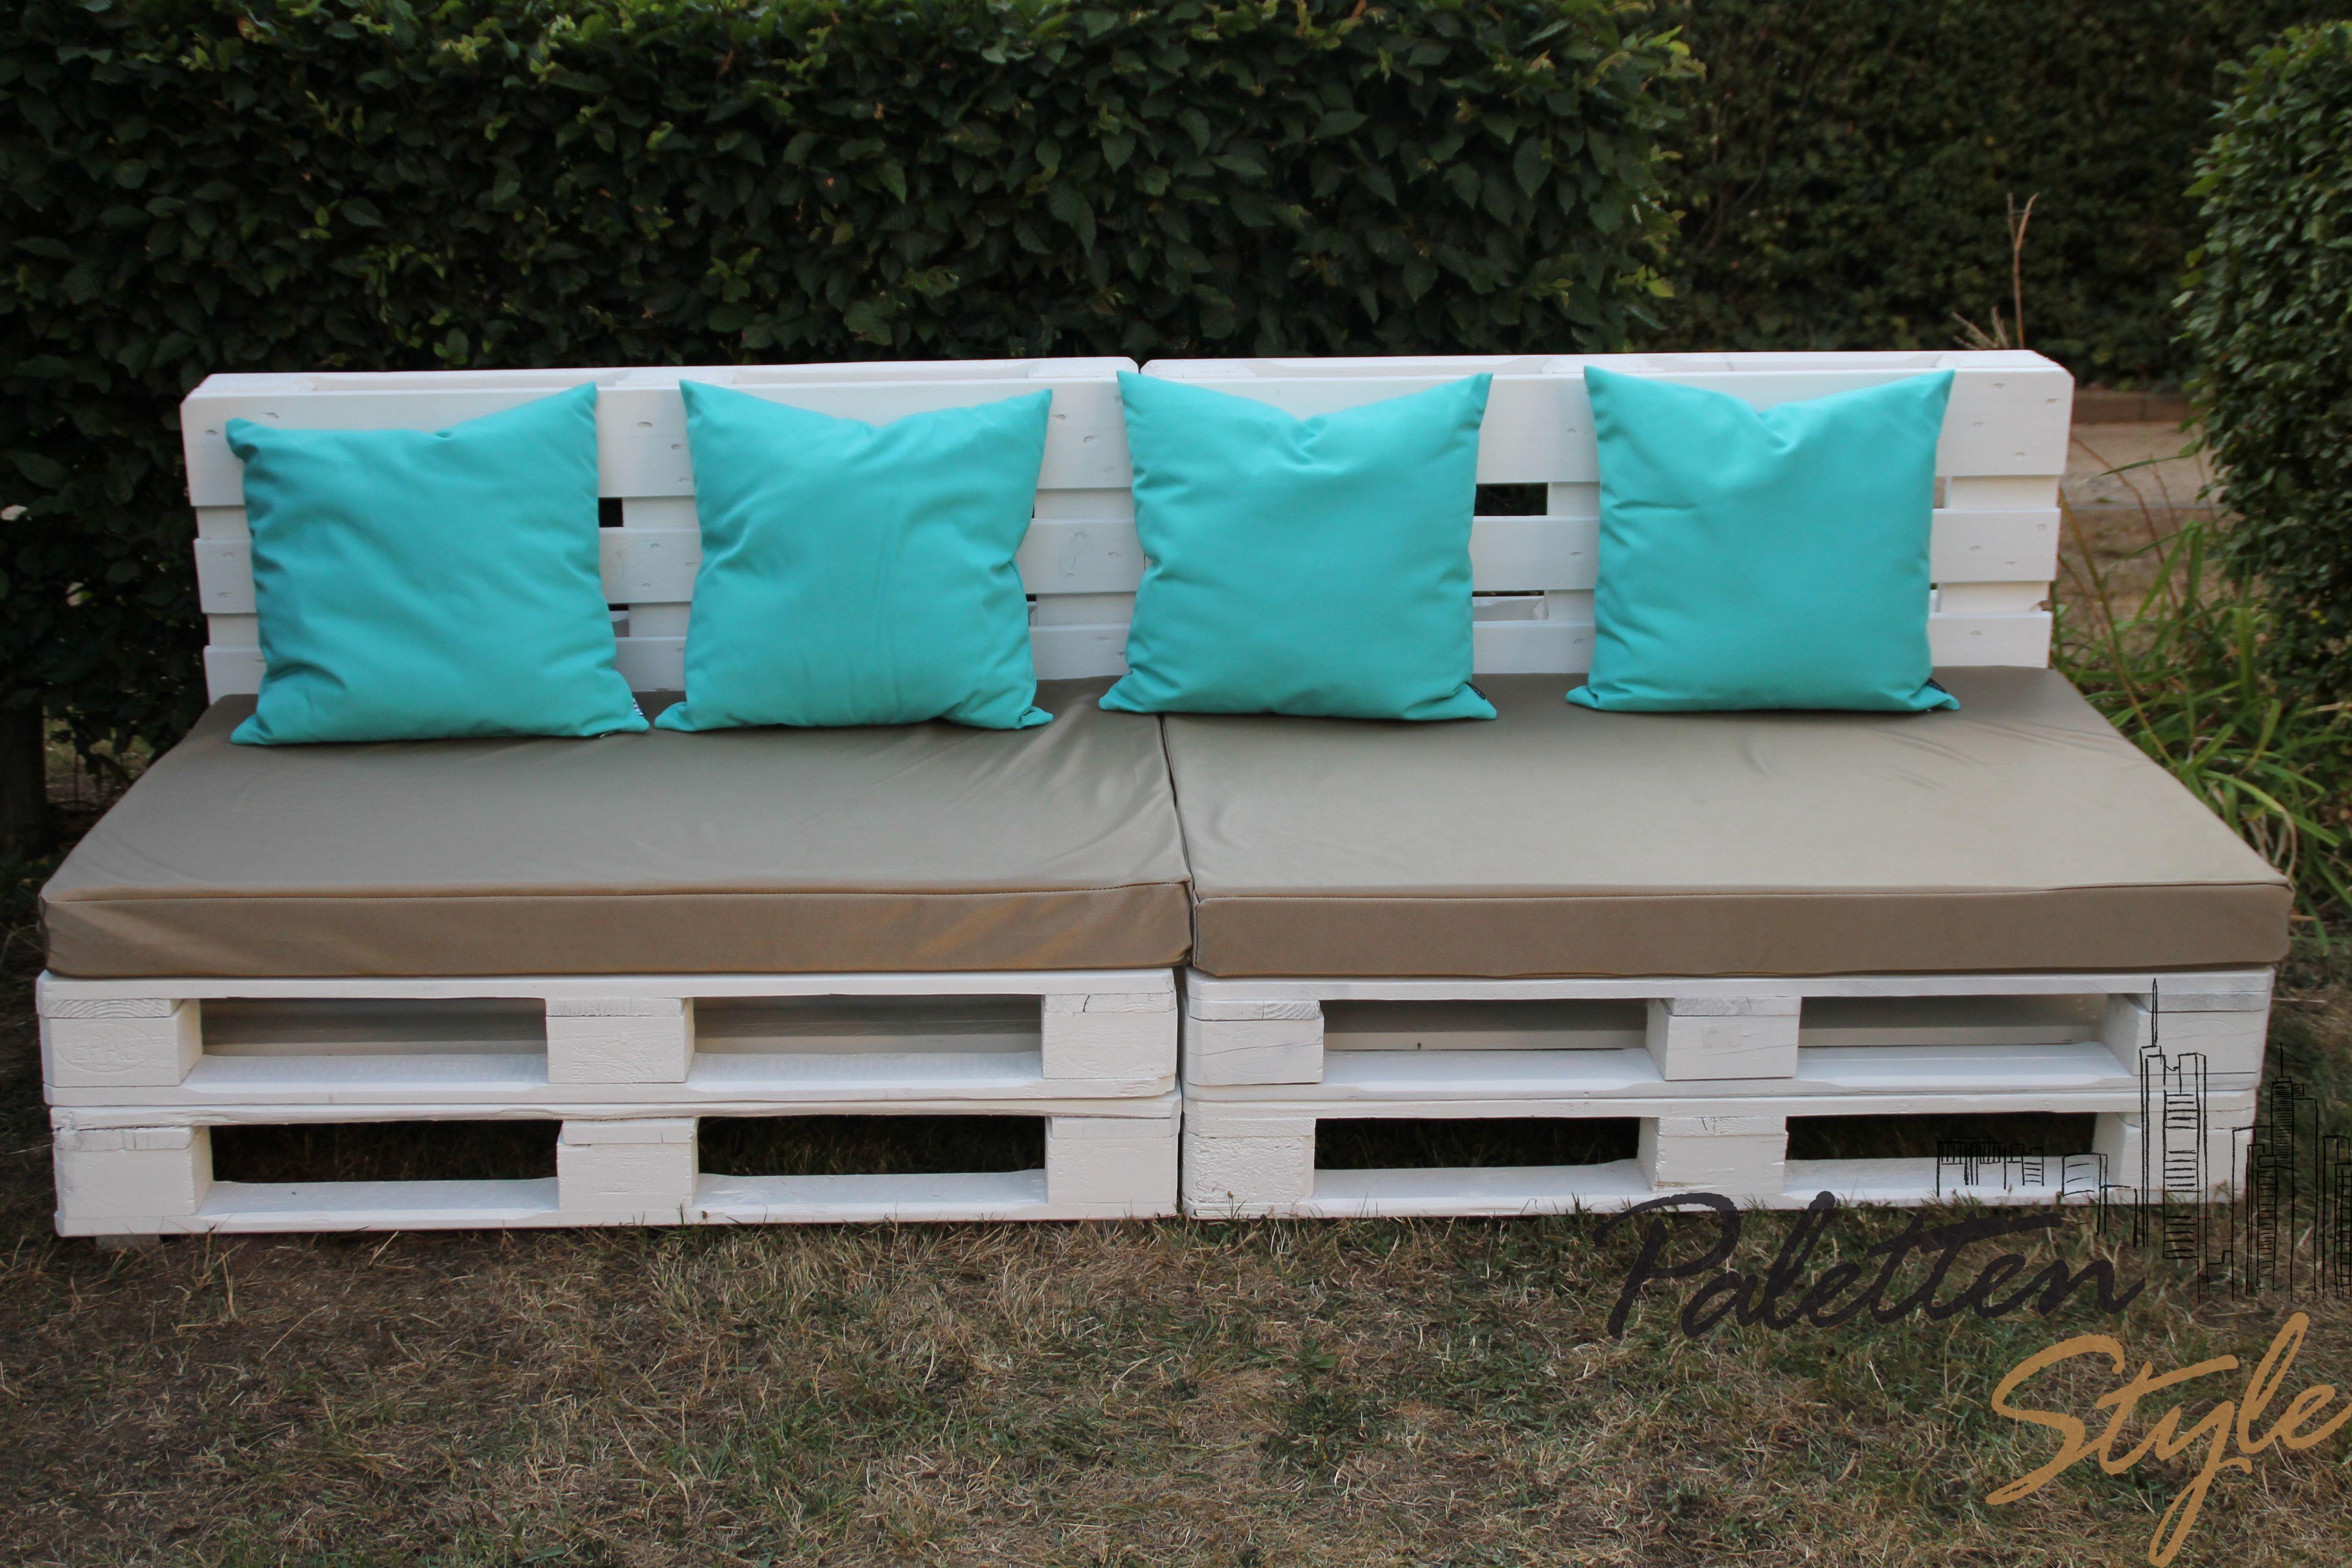 gartenm bel m bel aus europaletten m belunikat wohnzimmerm bel m bel sitzm bel couch sofa. Black Bedroom Furniture Sets. Home Design Ideas